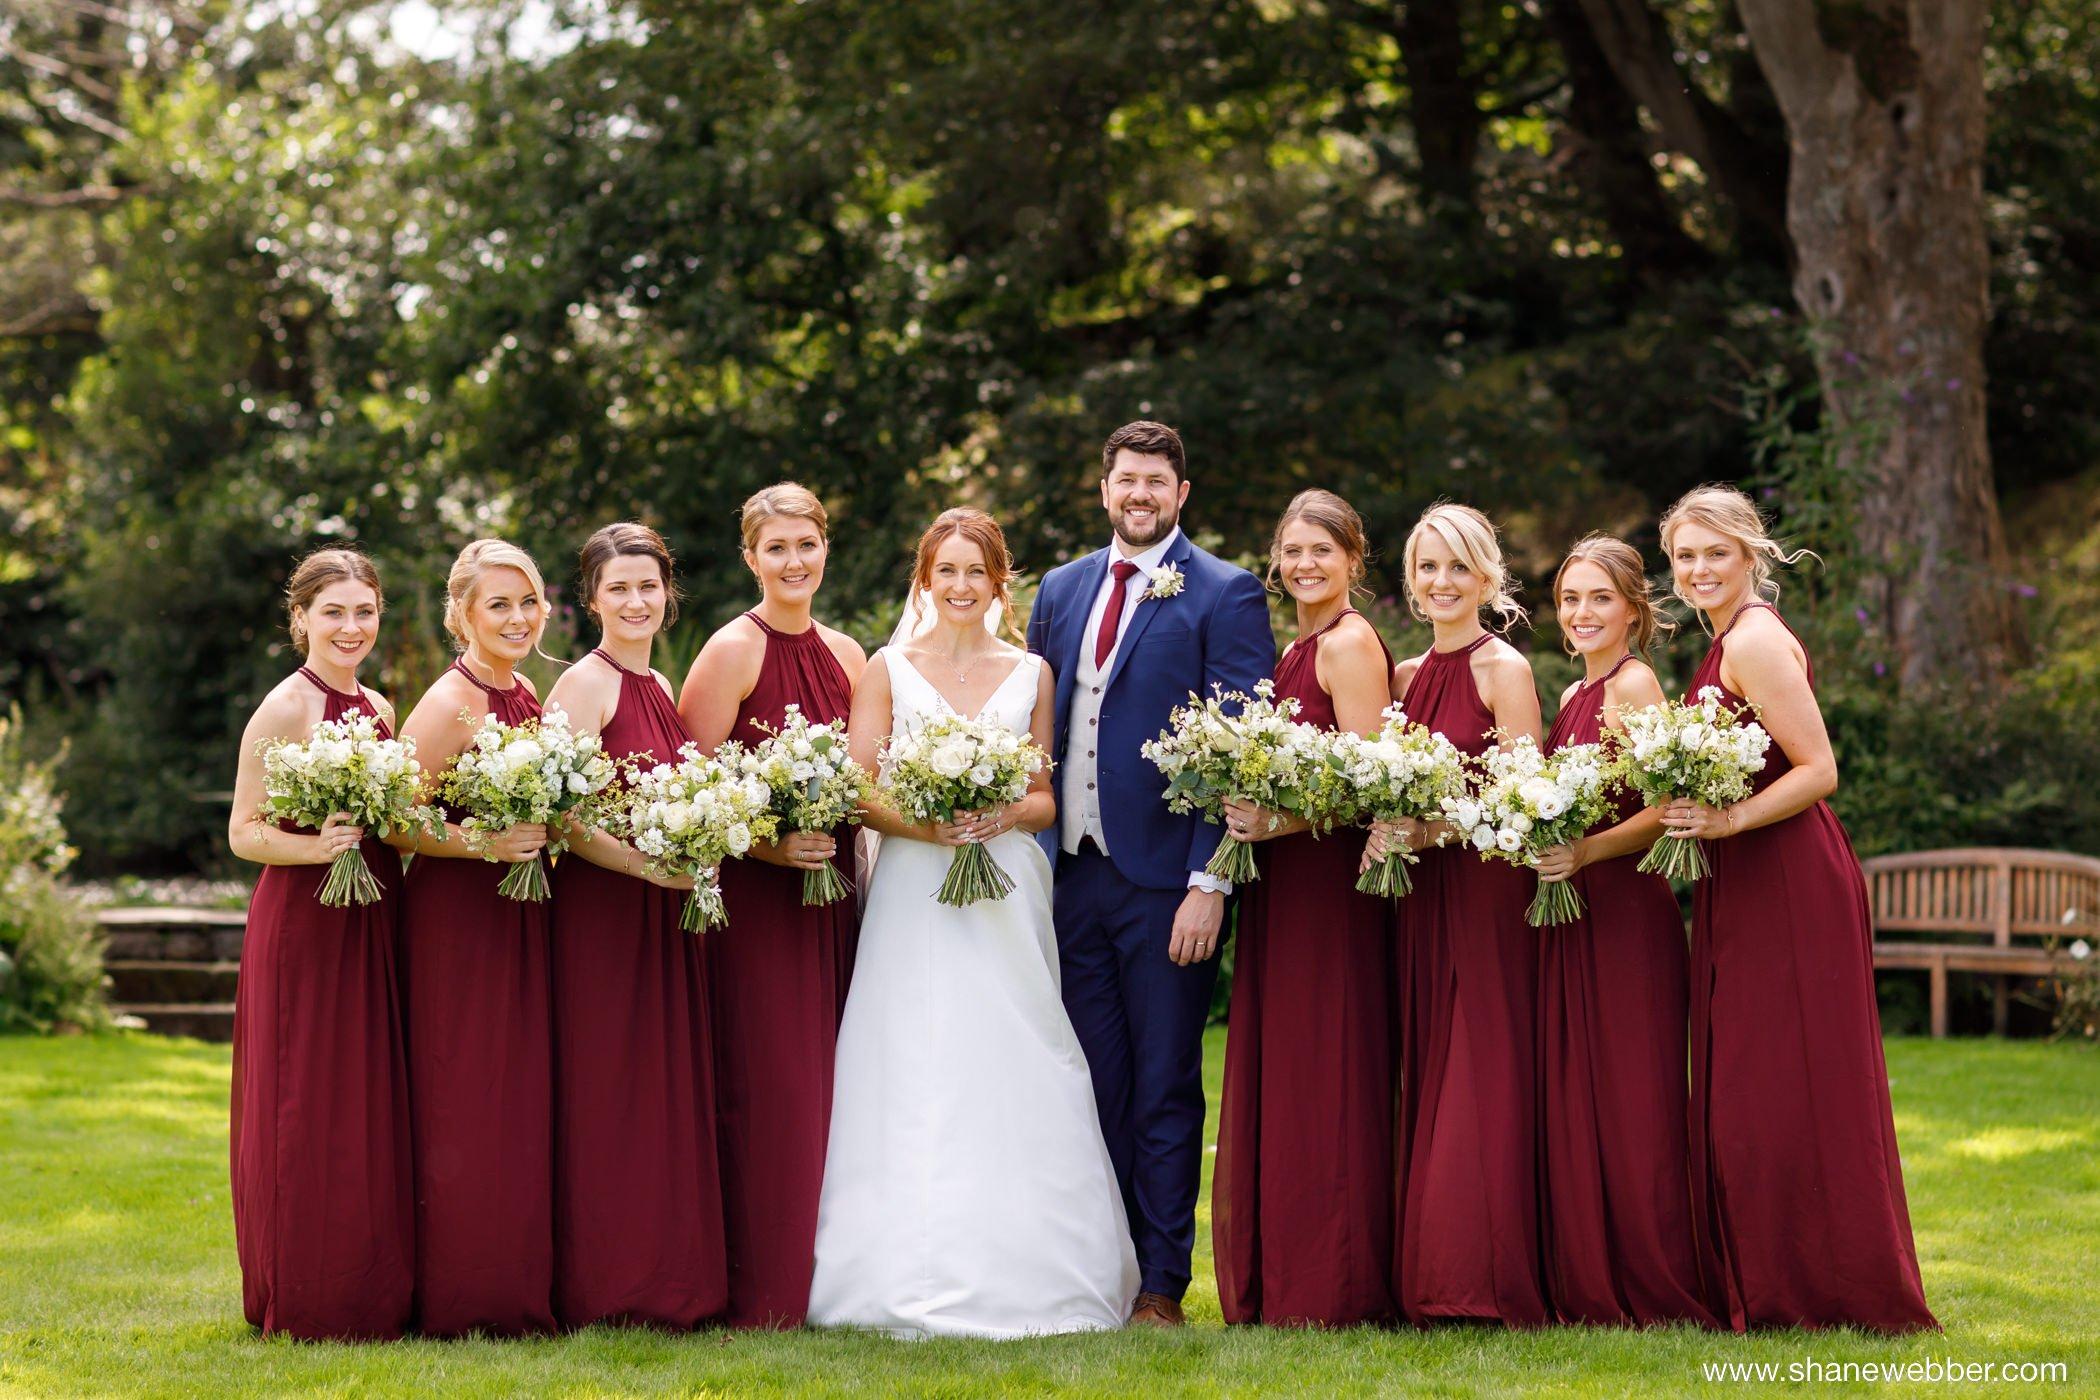 group wedding photos ashes barns